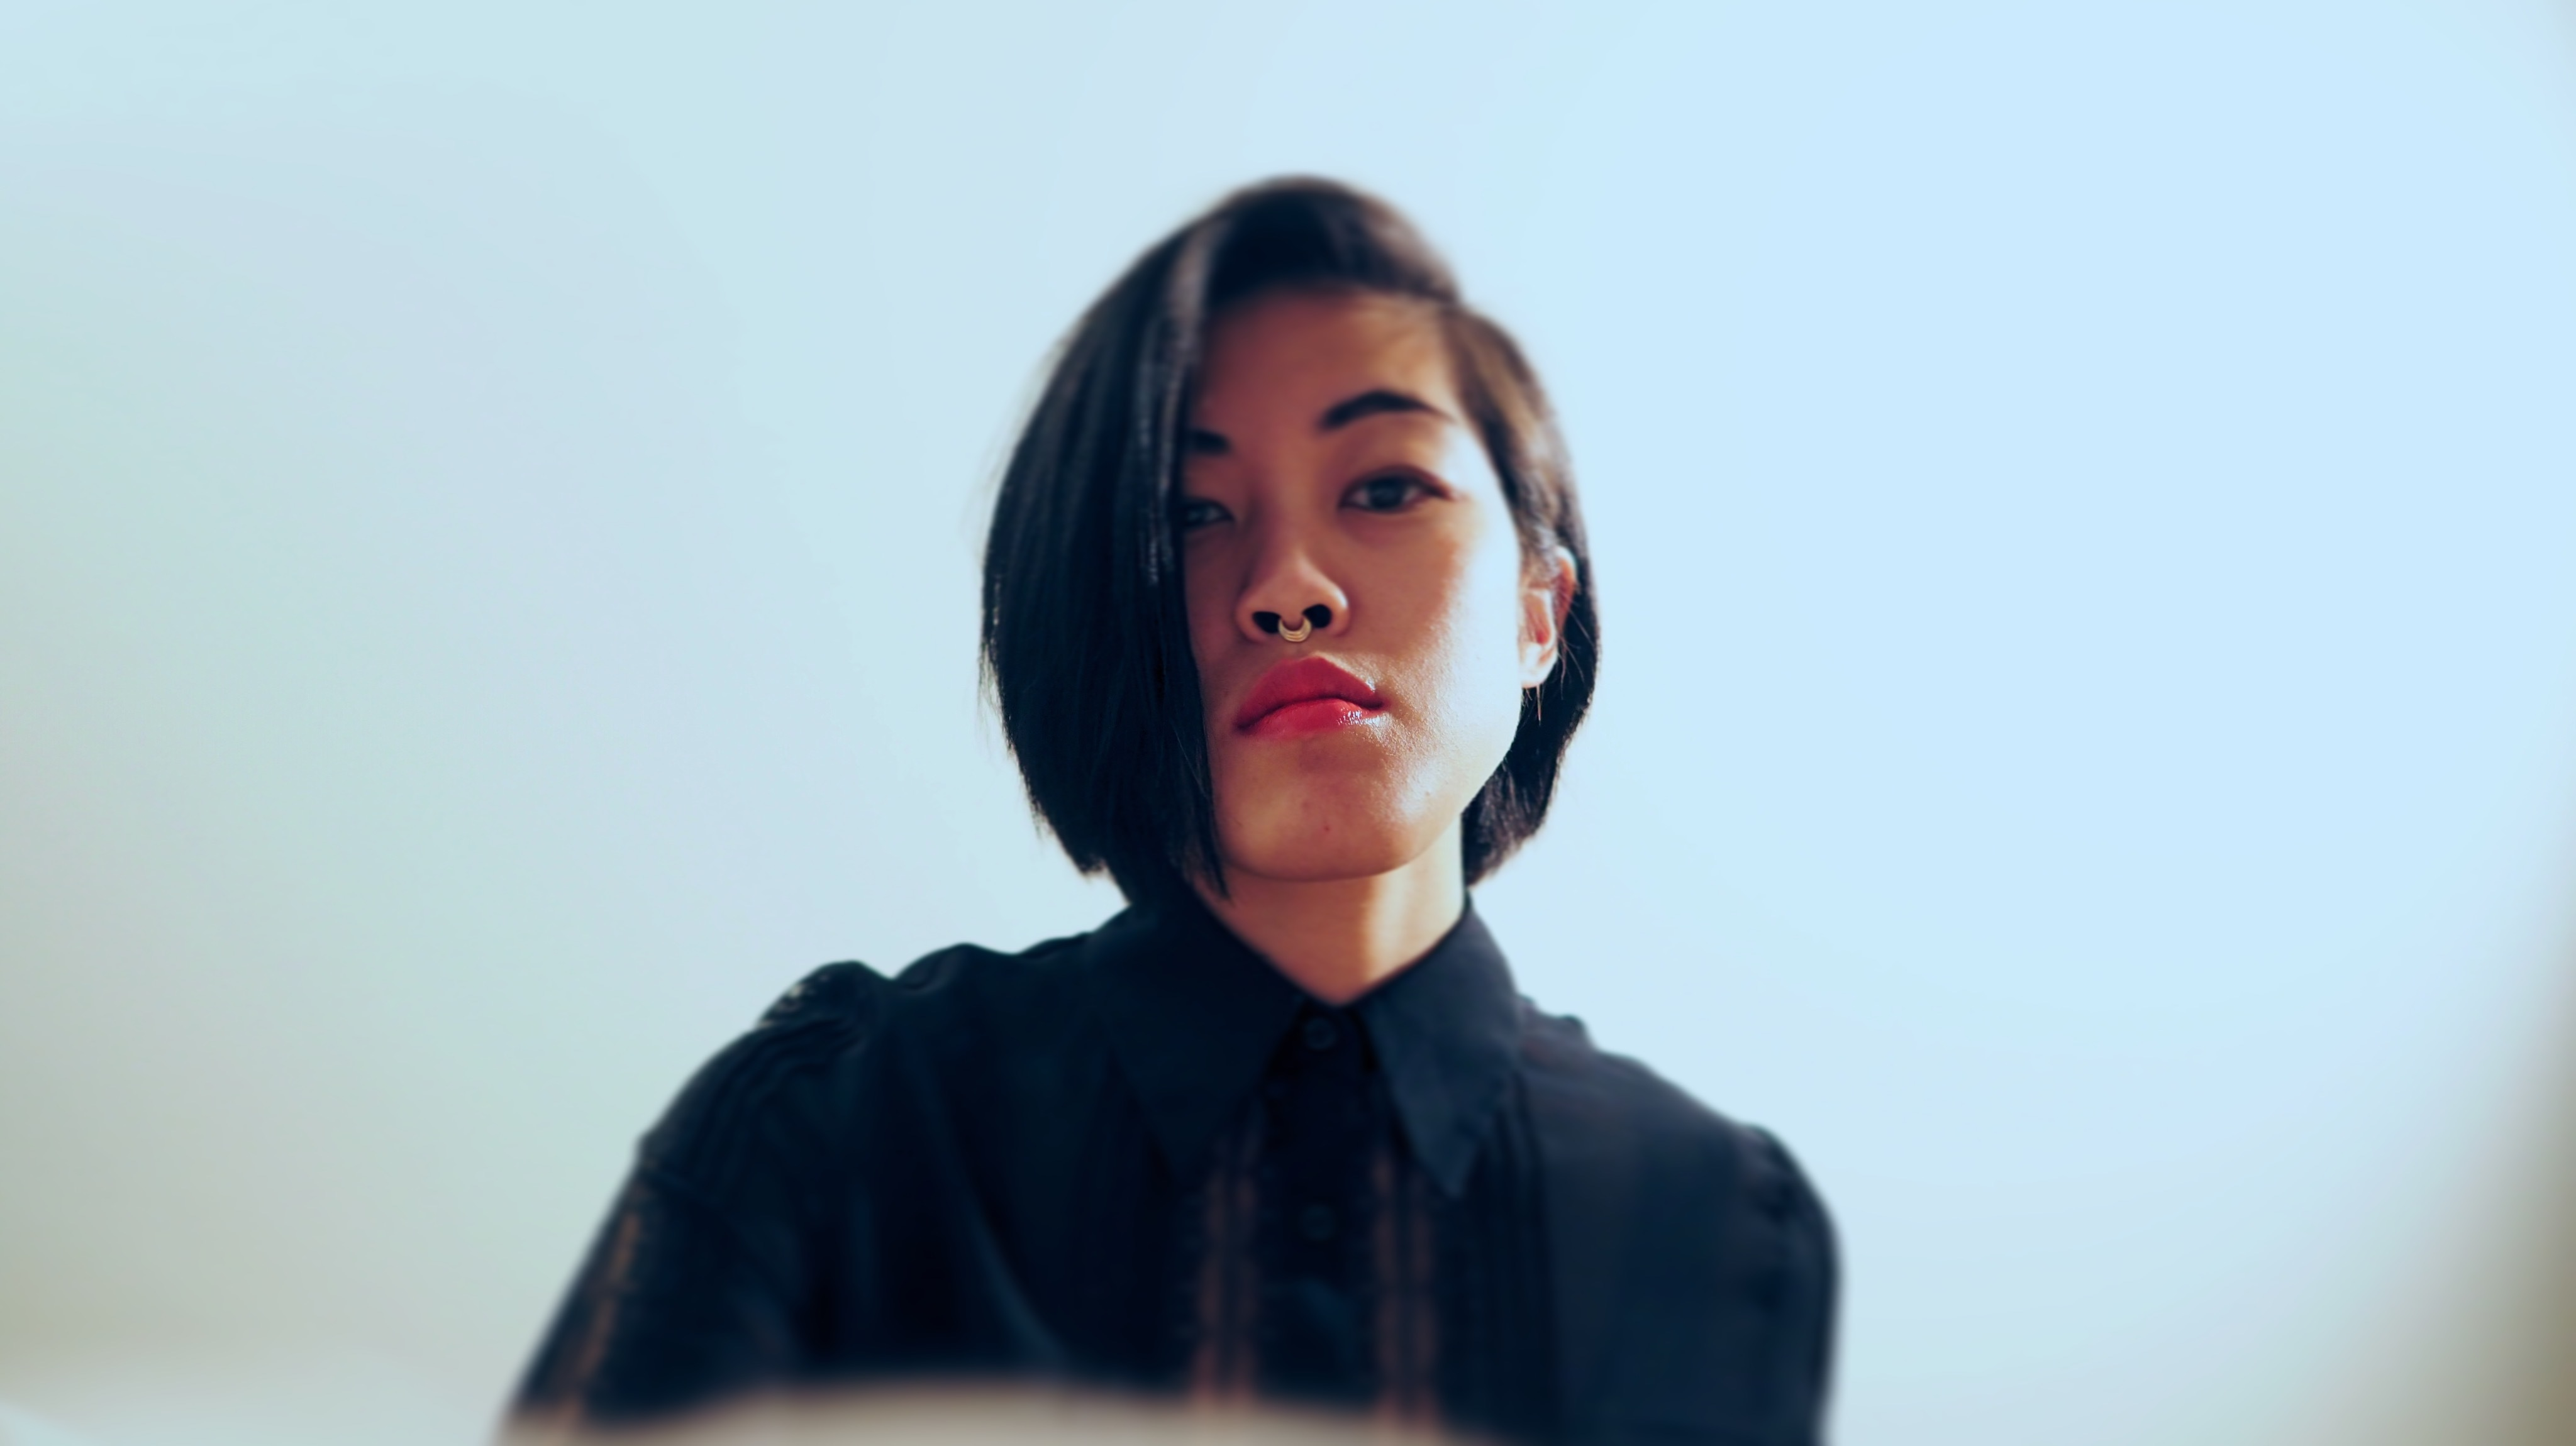 Evaline Huang headshot